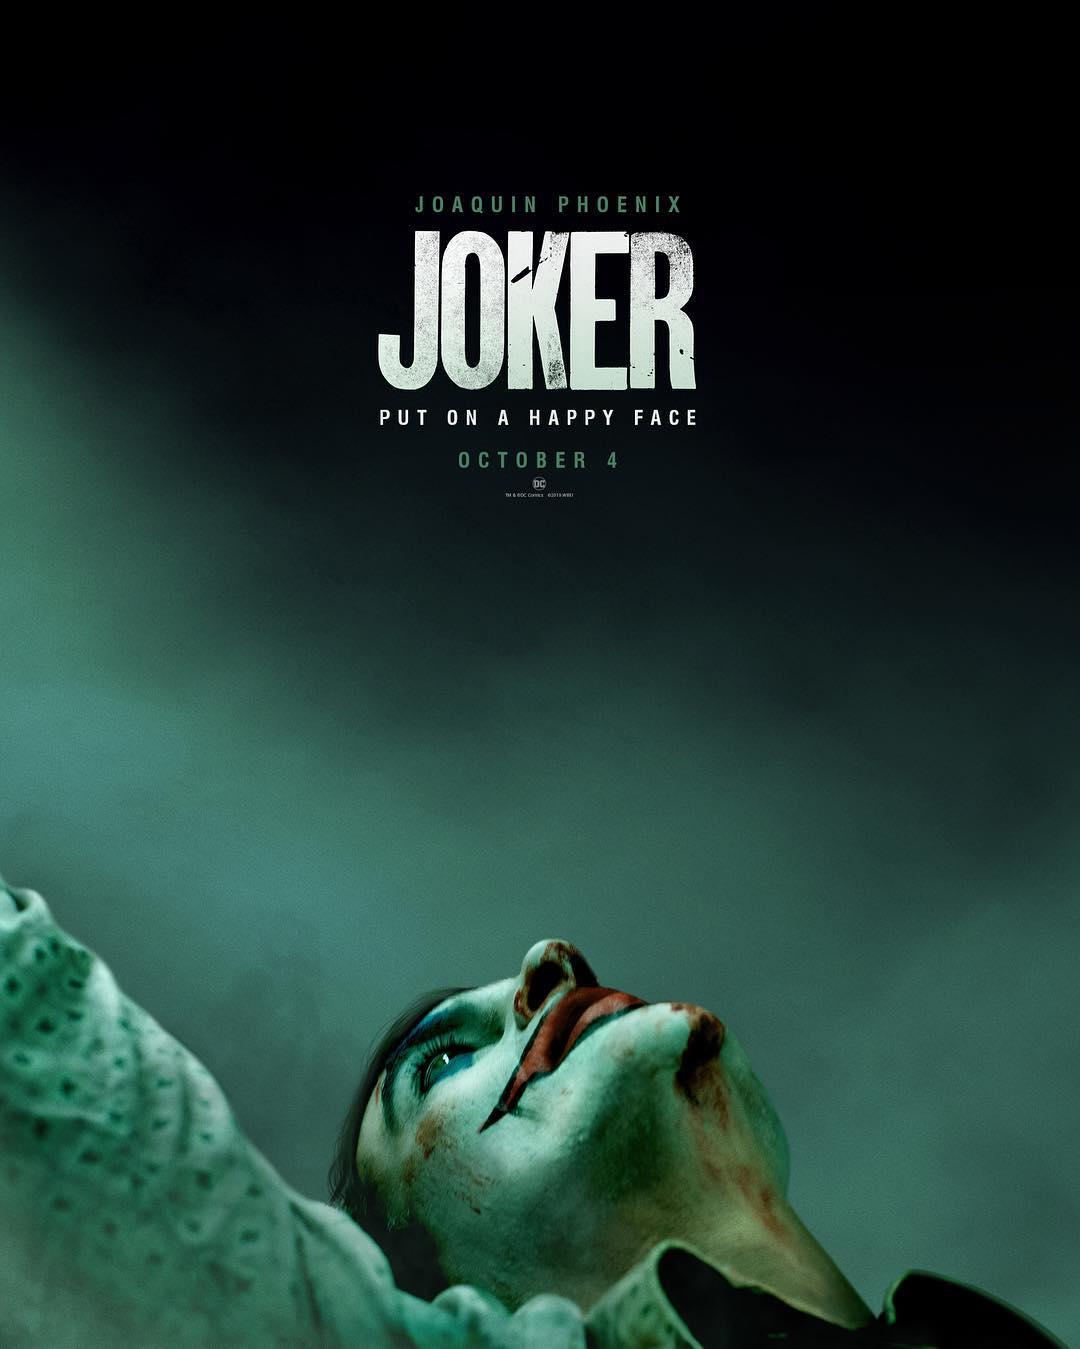 joker-poster-00.jpg